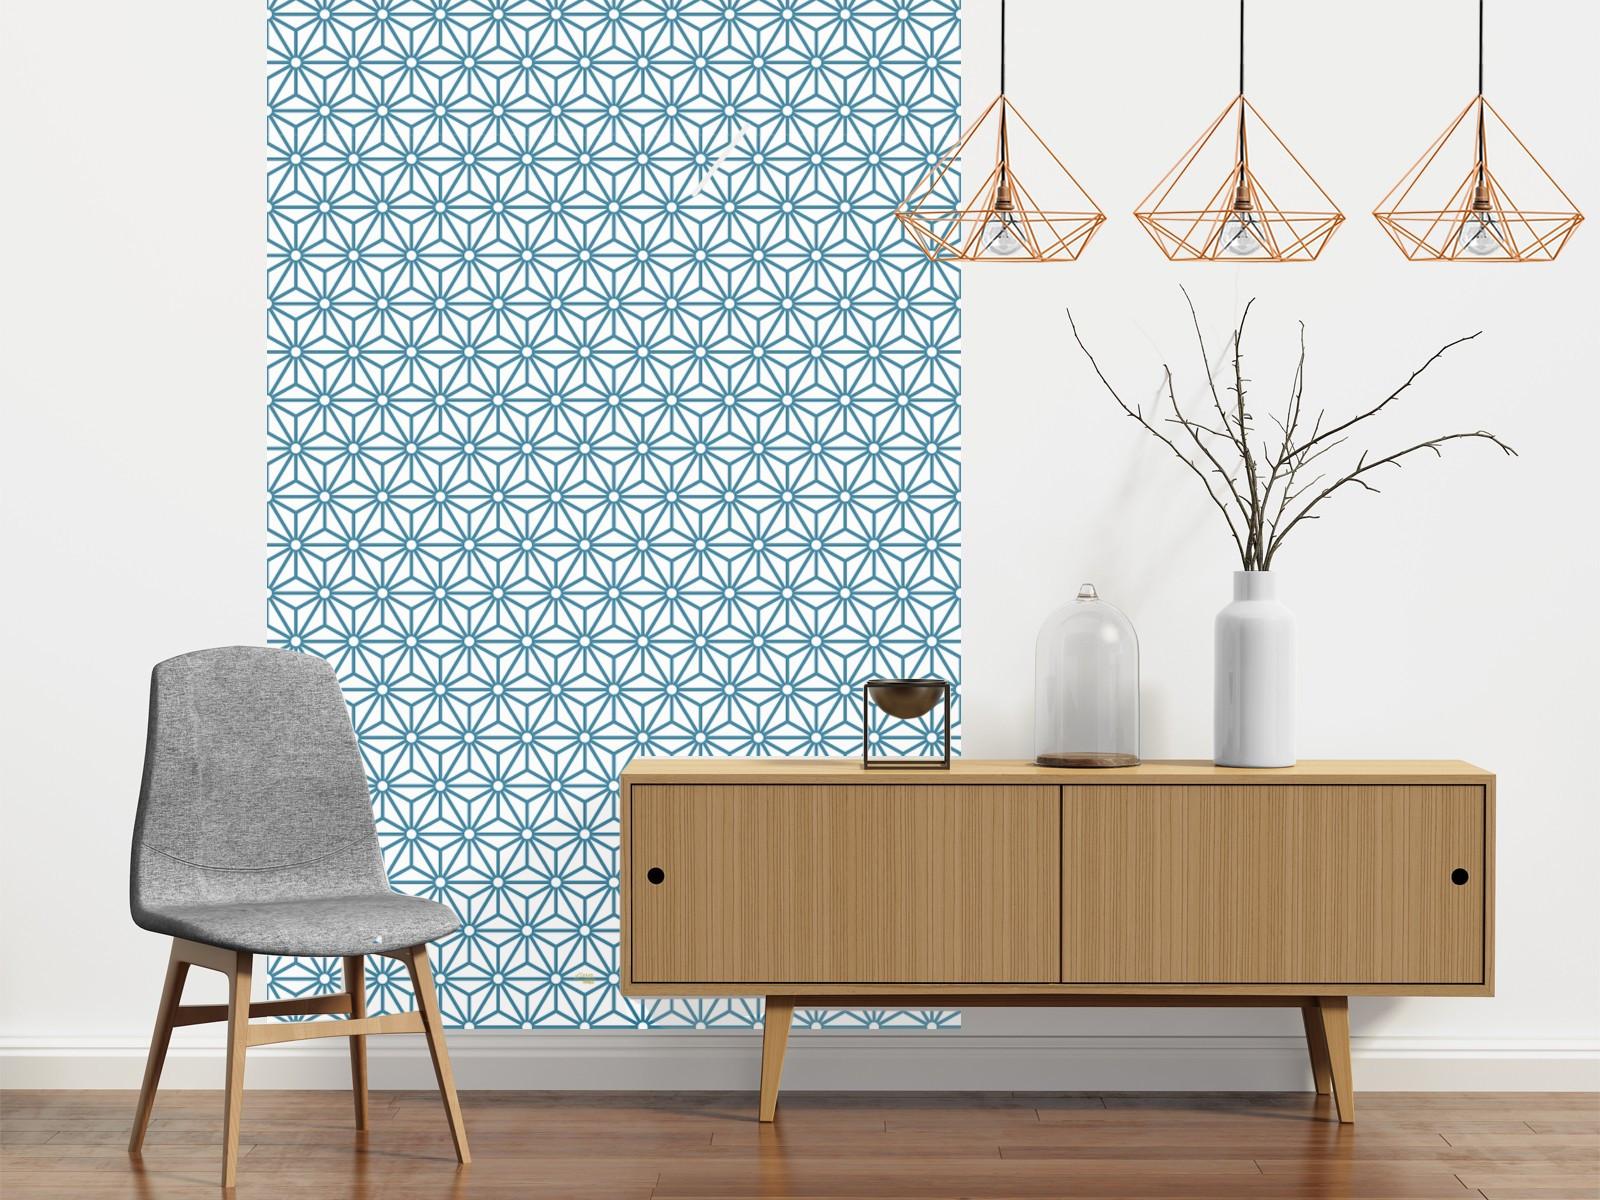 papier peint adh sif motifs g om triques mod le sterling bleu. Black Bedroom Furniture Sets. Home Design Ideas